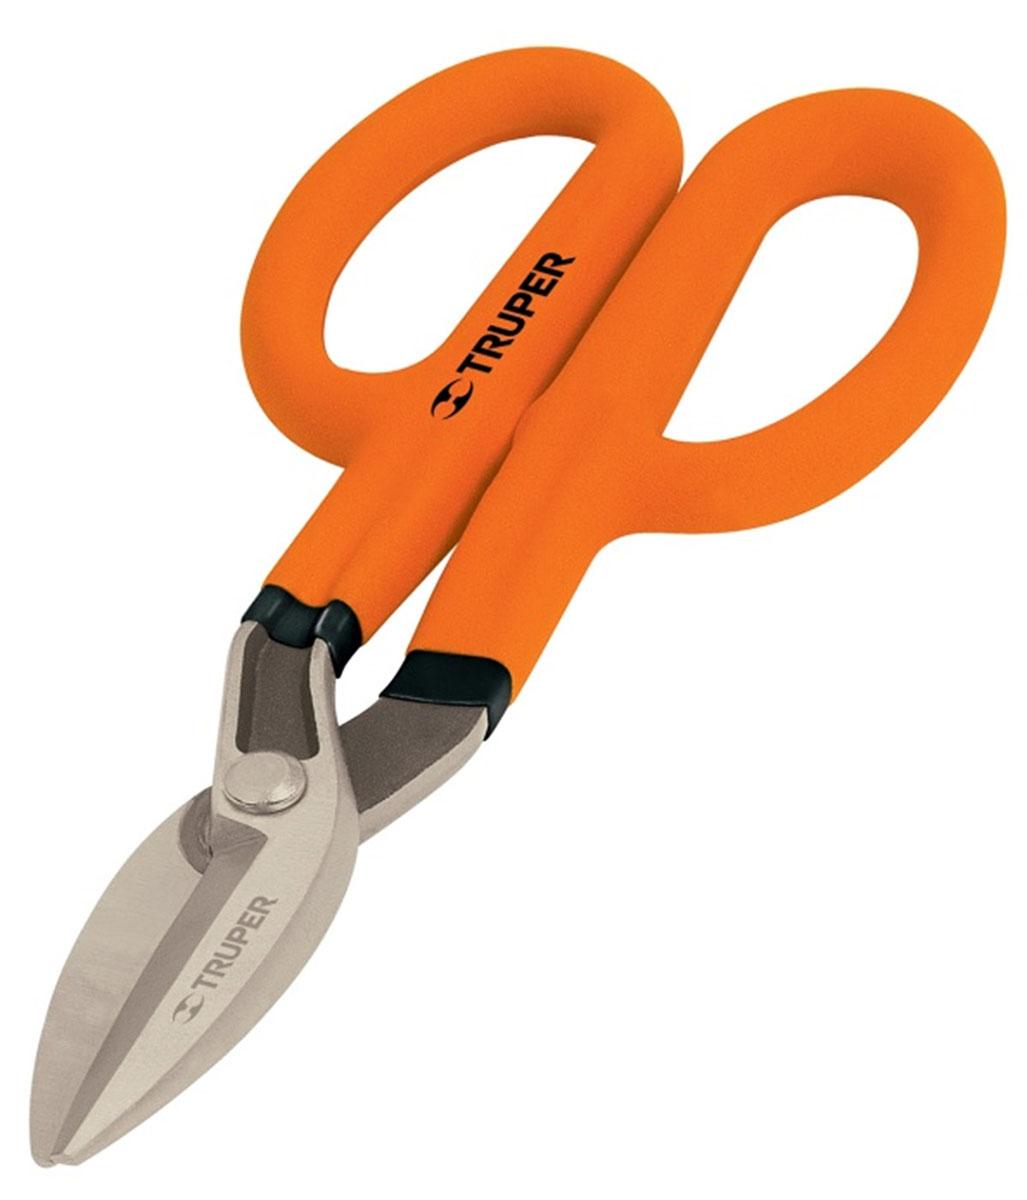 Ножницы по металлу Truper, 27,94 смTH-11Ножницы Truper предназначены для реза листового металла. Могут использоваться также для резки алюминия, листового НПВХ, металлической сетки, кожи, меди и пластика. Виниловые ручки обеспечивают надежный хват. Сатинированные лезвия в 3 раза меньше подвержены коррозии.